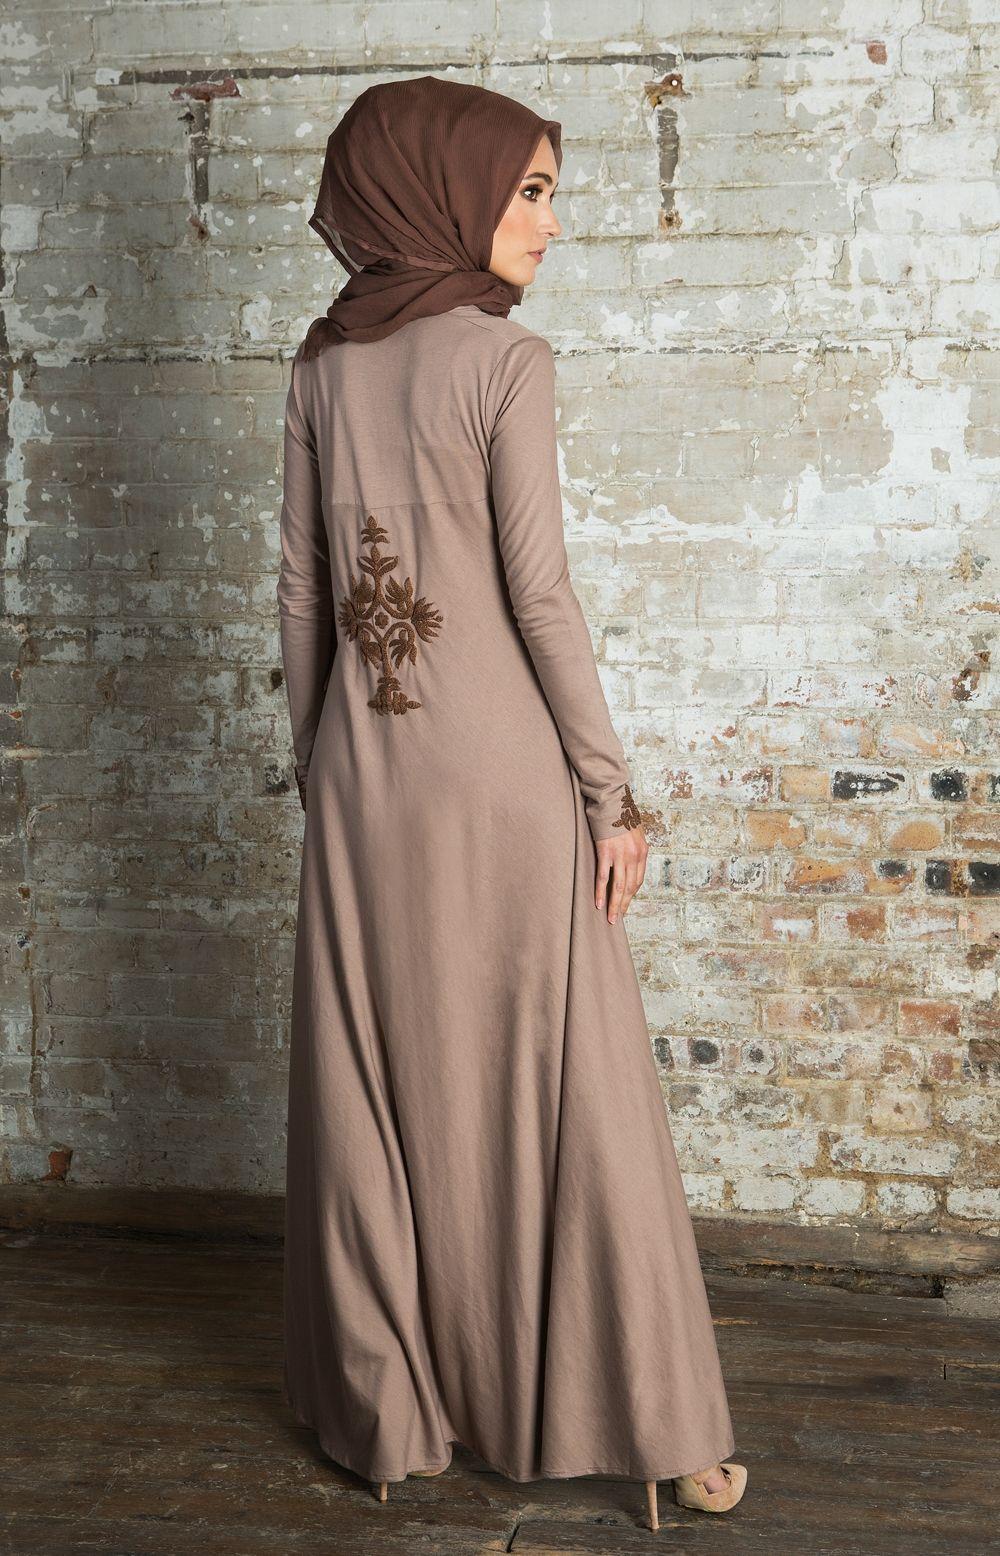 Pin By Rabi Khan On Dresses Hijab Fashion Muslim Fashion Hijab Muslim Fashion